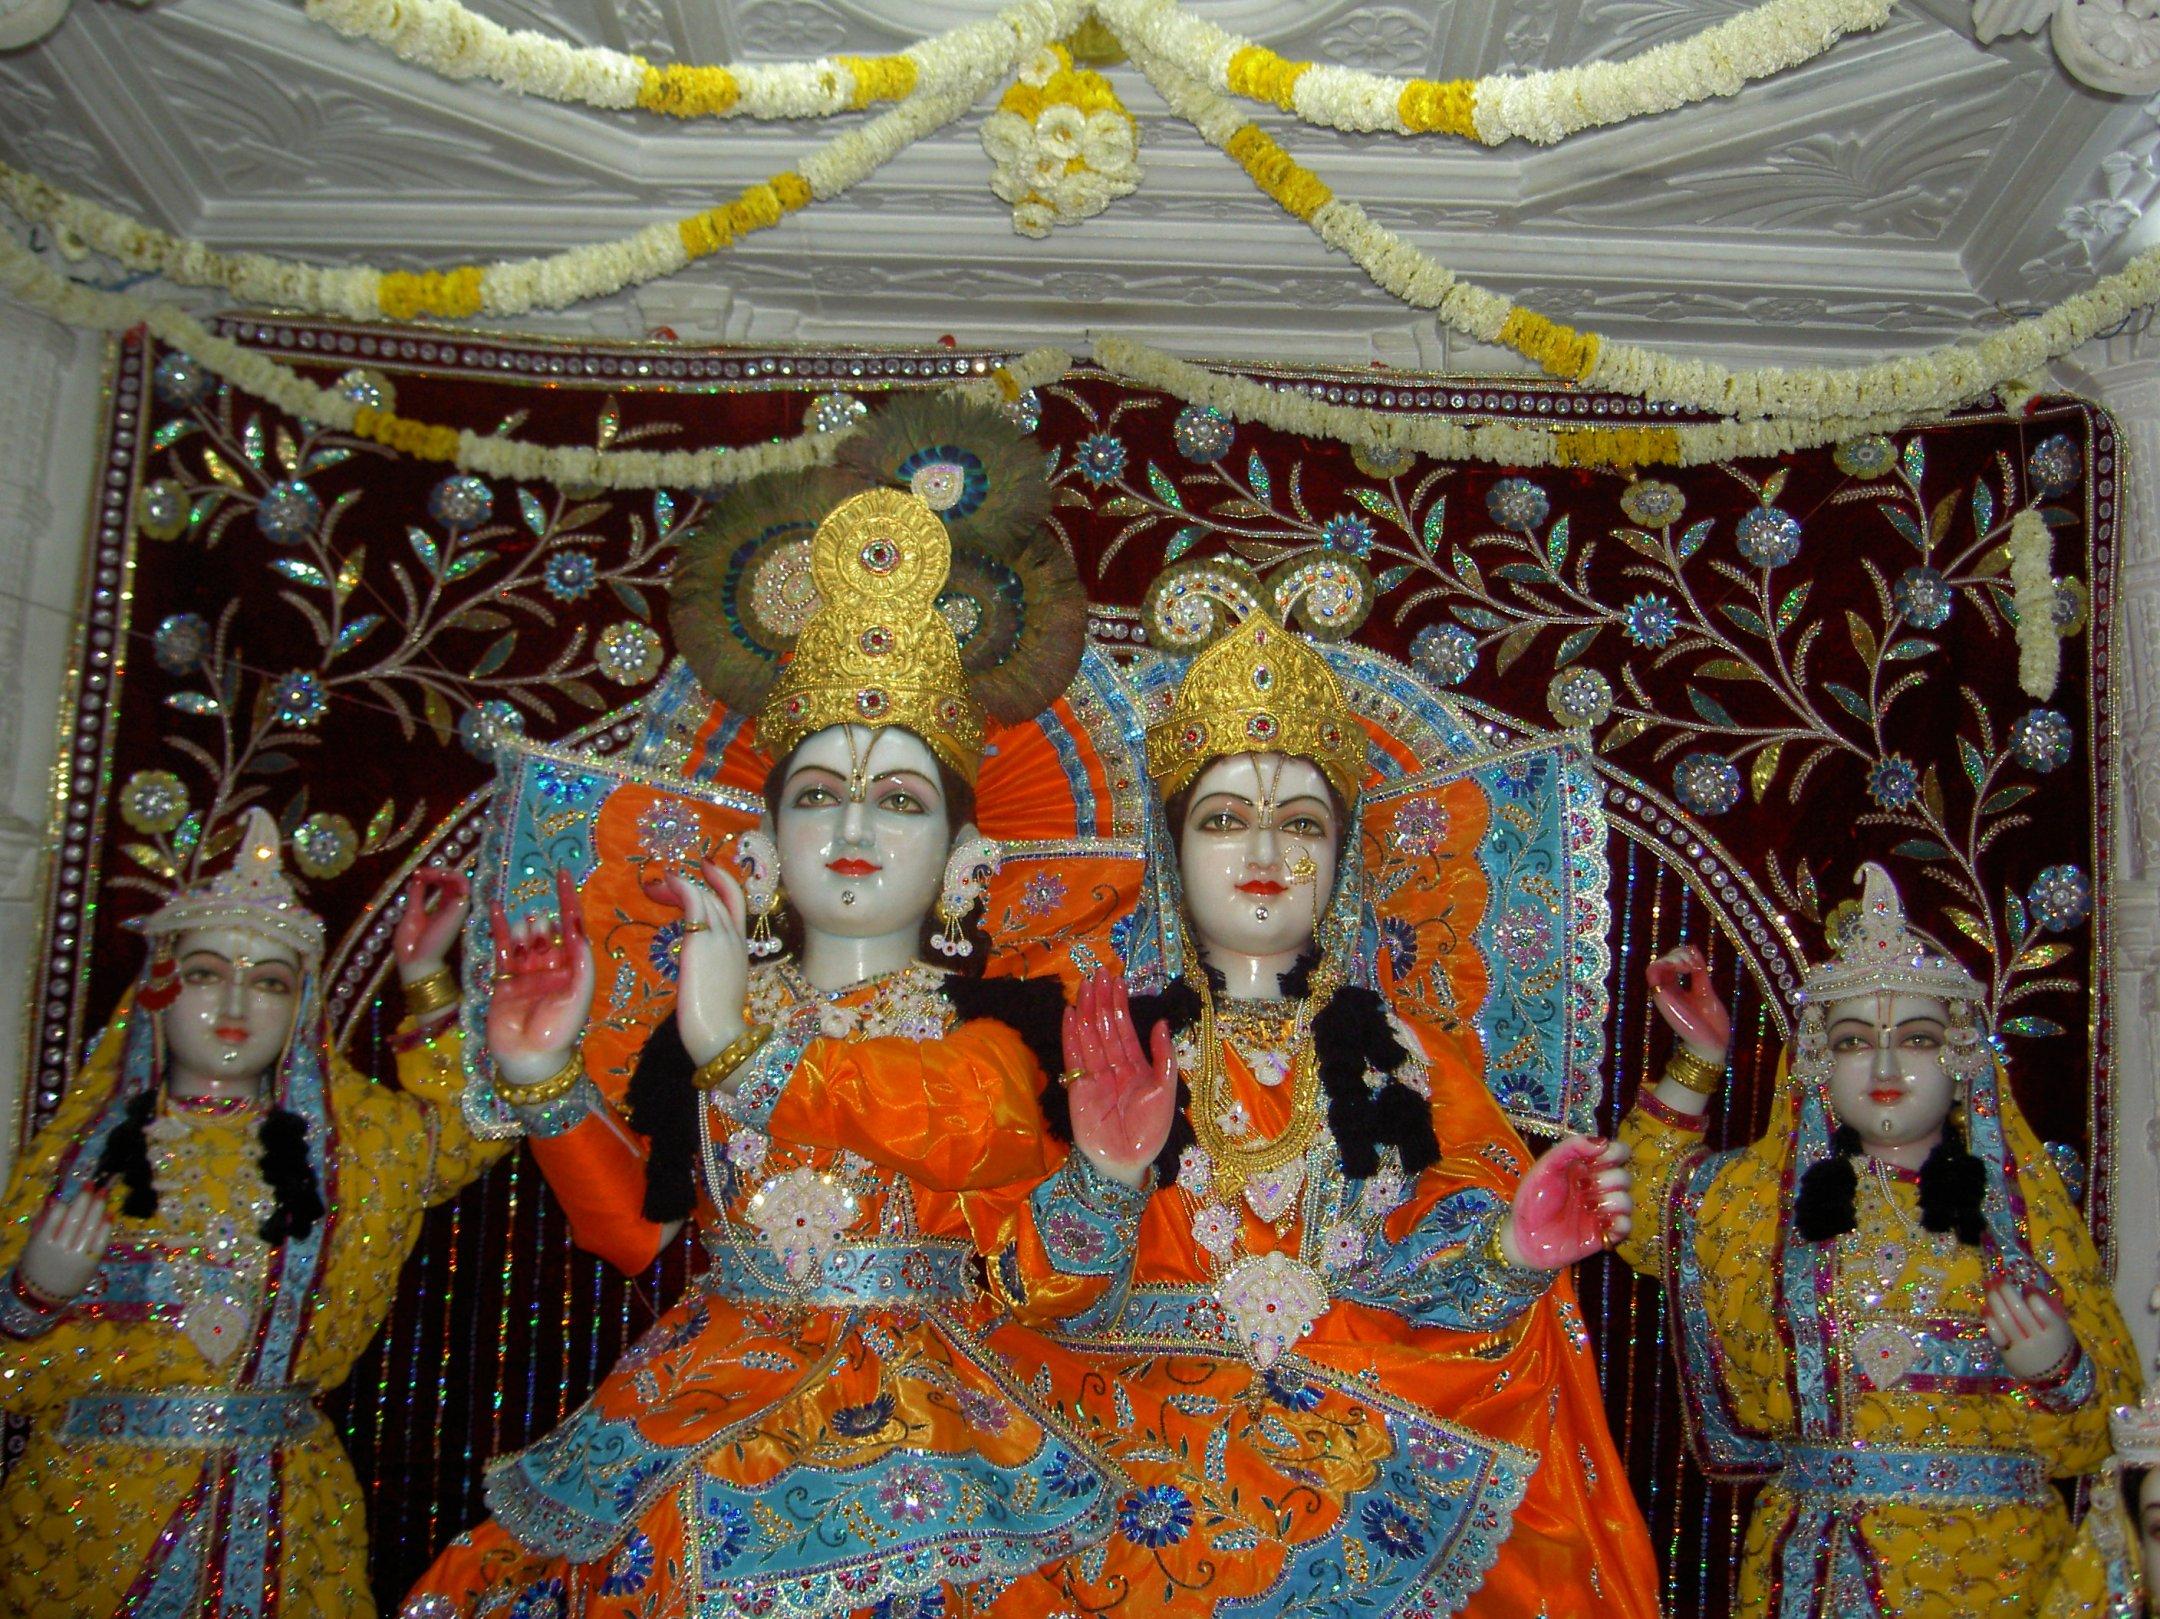 Shri Shri Radhagolokavihari Ji Bhagavan, Lalita andVishakha